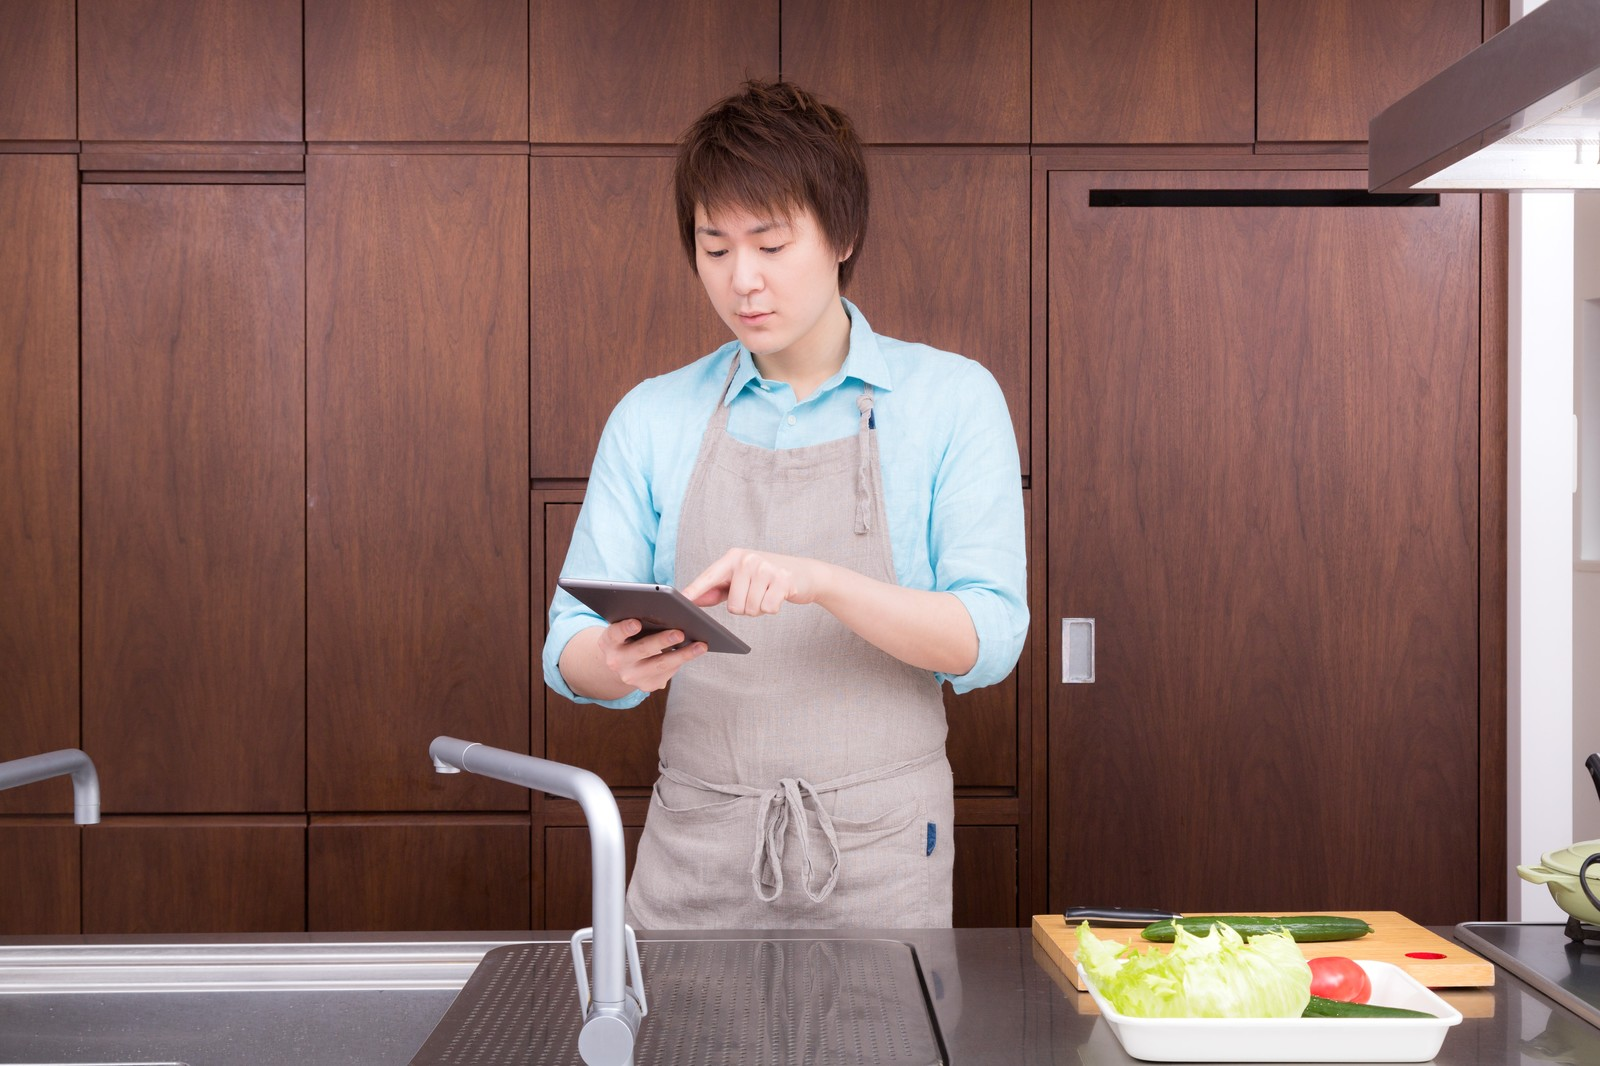 「本日の献立を確認する料理男子」の写真[モデル:五十嵐夫妻]